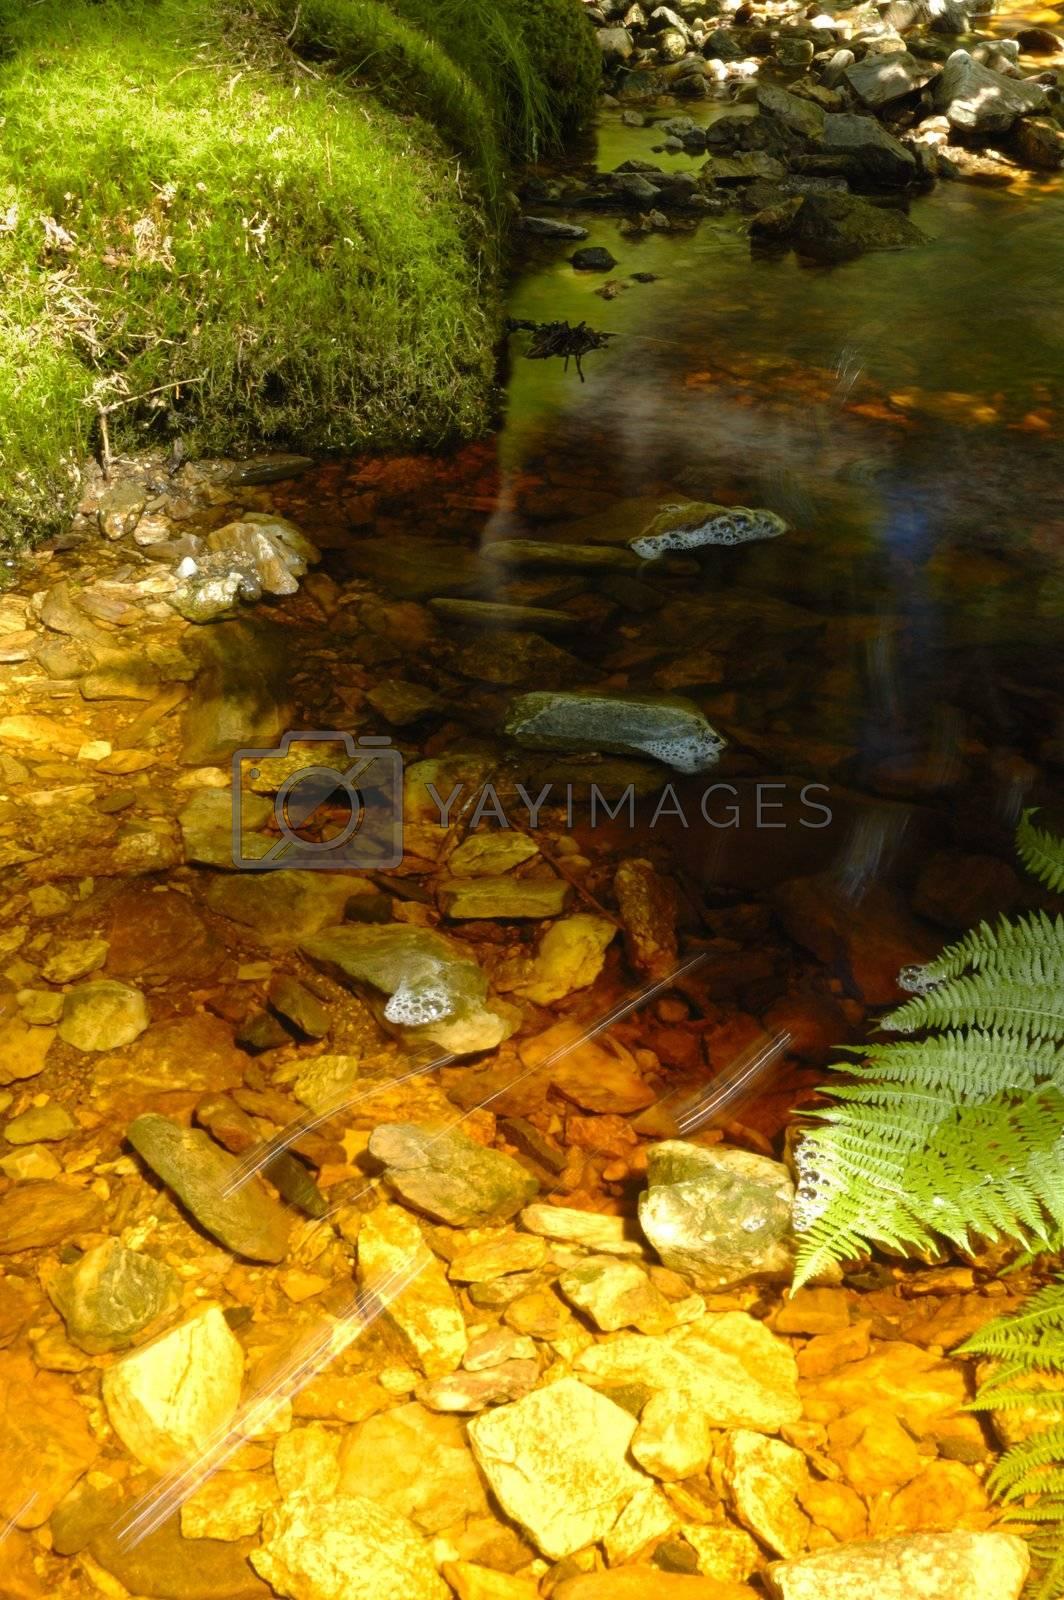 brook in czech mountain, verically framed shot